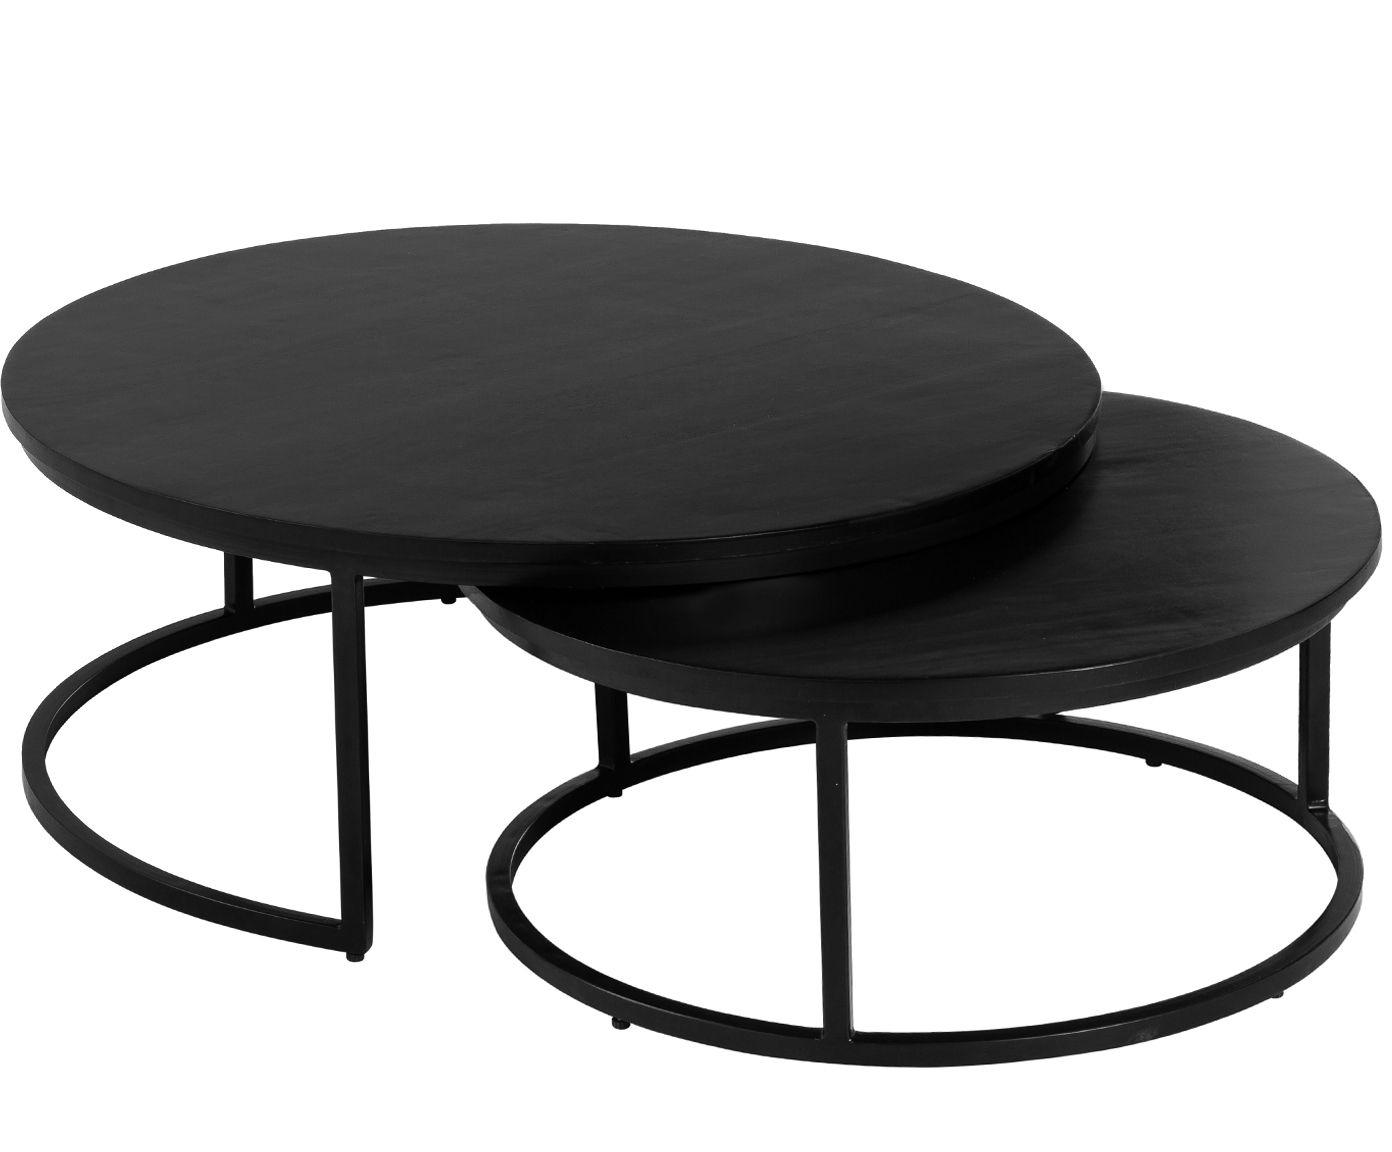 Entdecken Sie Couchtisch Set Andrew 2 Tlg In Schwarz Jetzt Bei Westwingnow Lassen Sie Sich Von Weiteren Tisch Eisen Gartenmobel Couchtisch Set Couchtisch